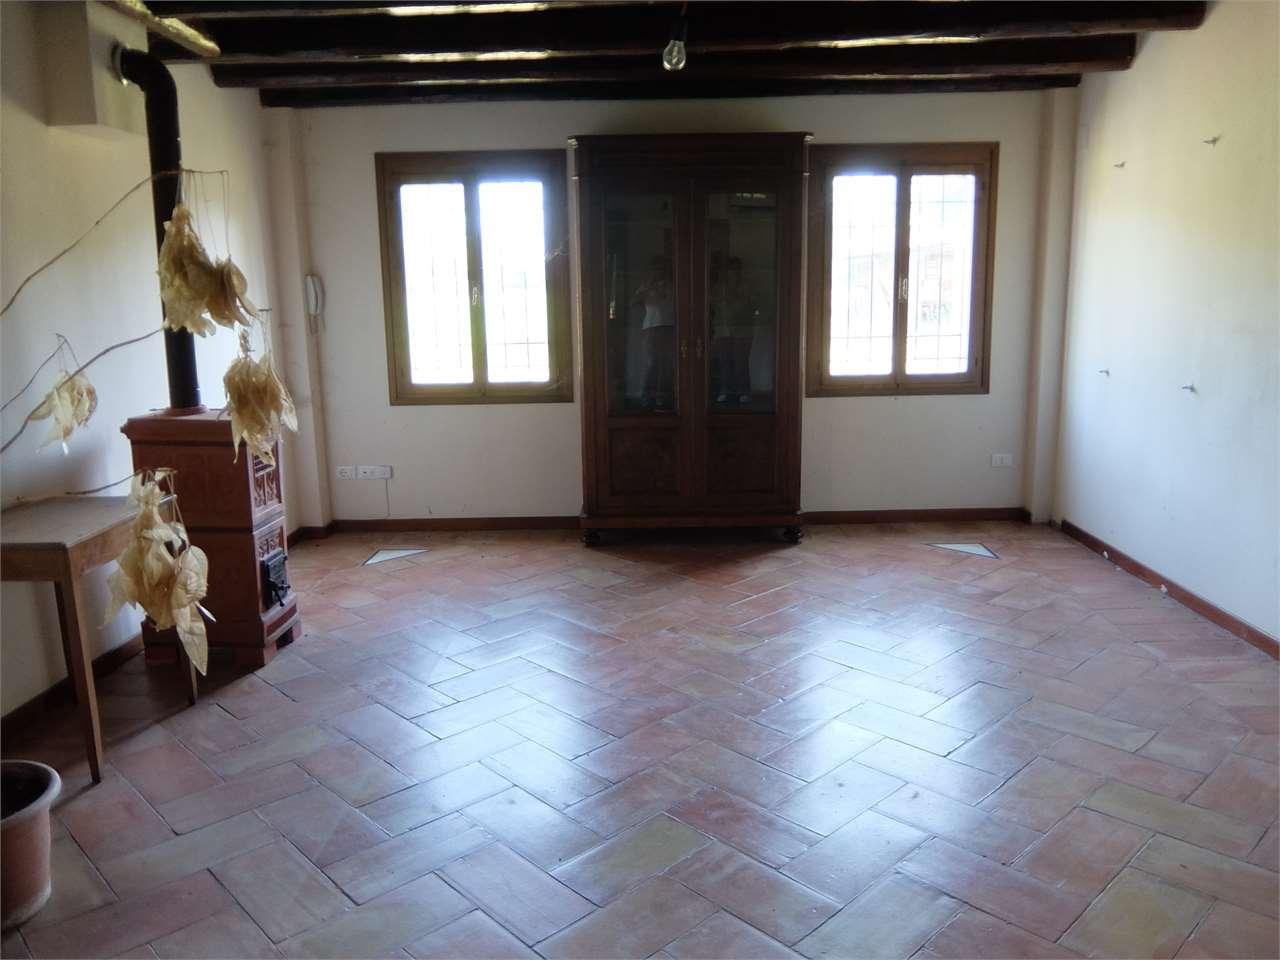 Rustico / Casale in vendita a Treviso, 30 locali, Trattative riservate | CambioCasa.it